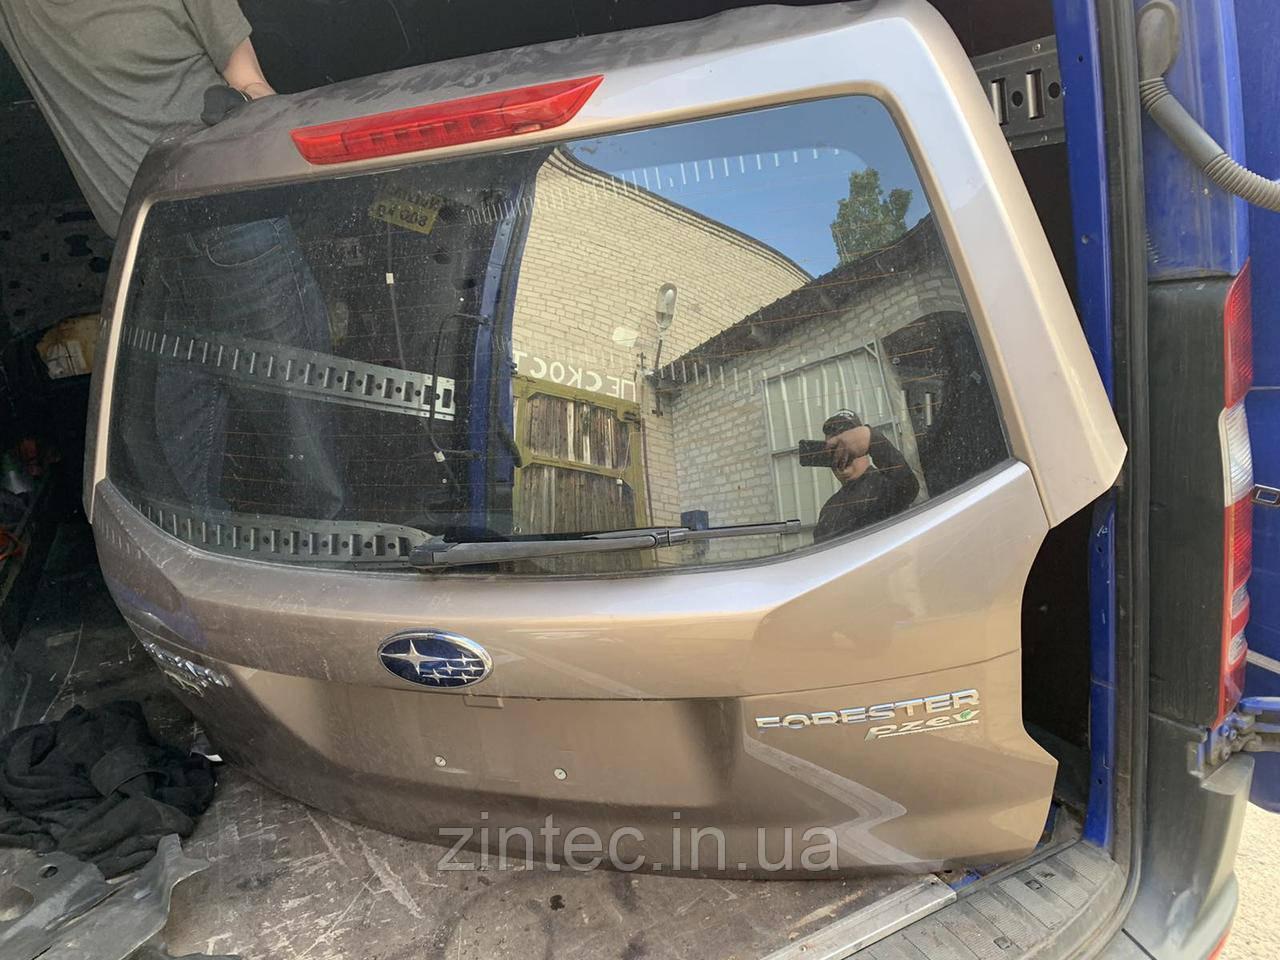 Дверь багажника в сборе Subaru Sorester USA 2.5 2017 год